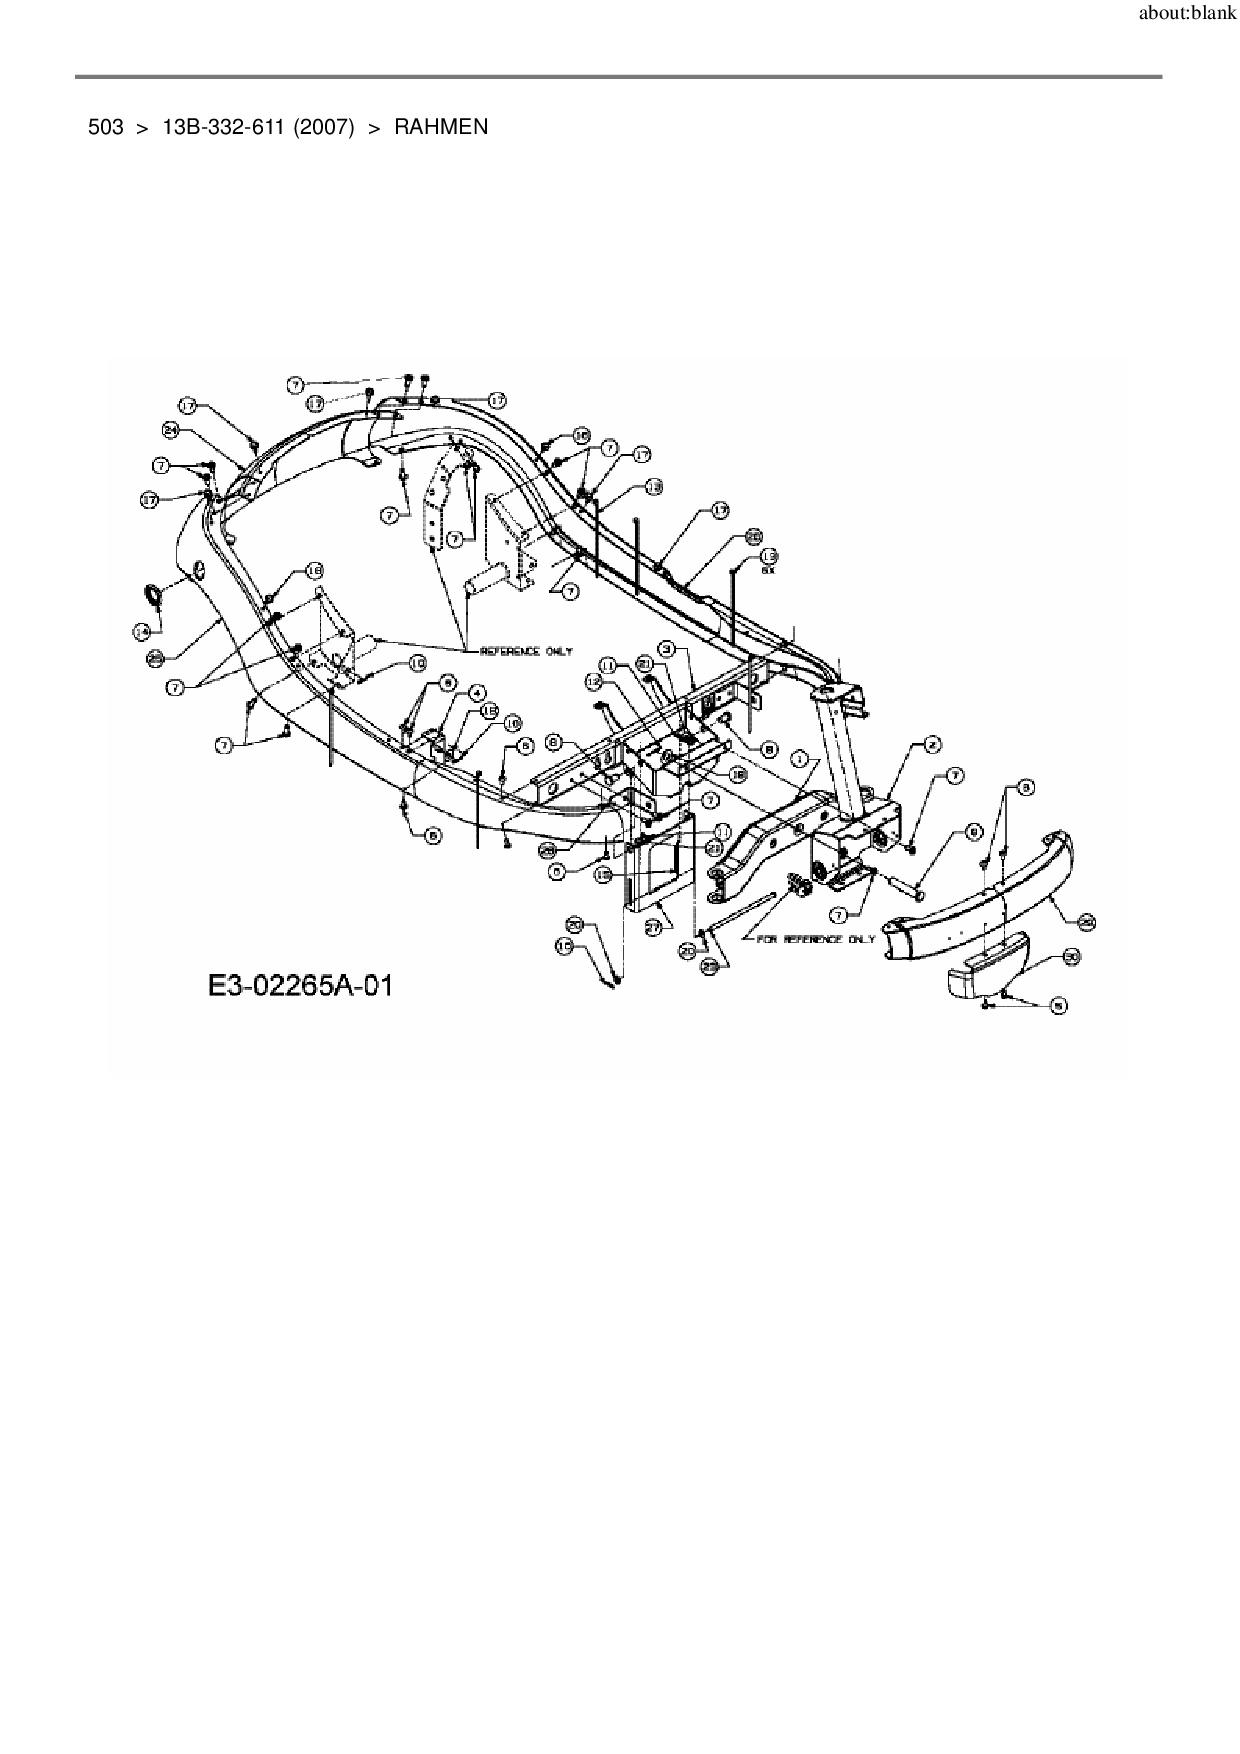 Ersatzteile von Lawnflite Rasentraktor 503 aus der Zeichnung Rahmen